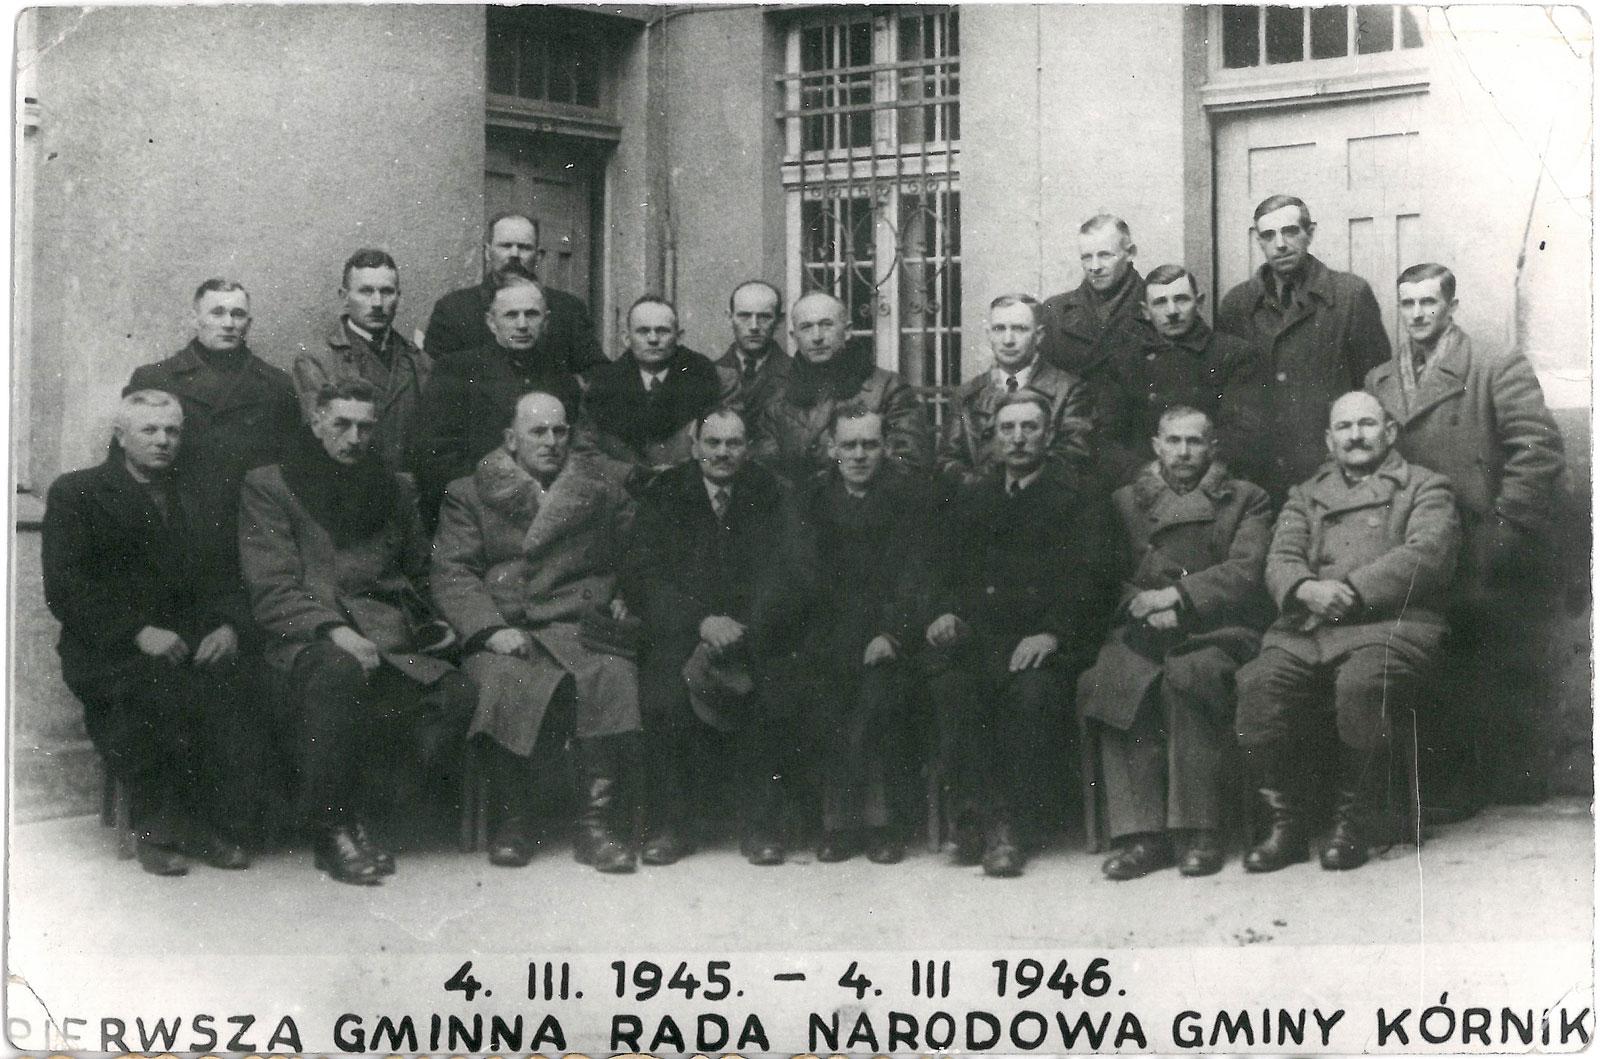 Rada Narodowa Gminy Kórnik